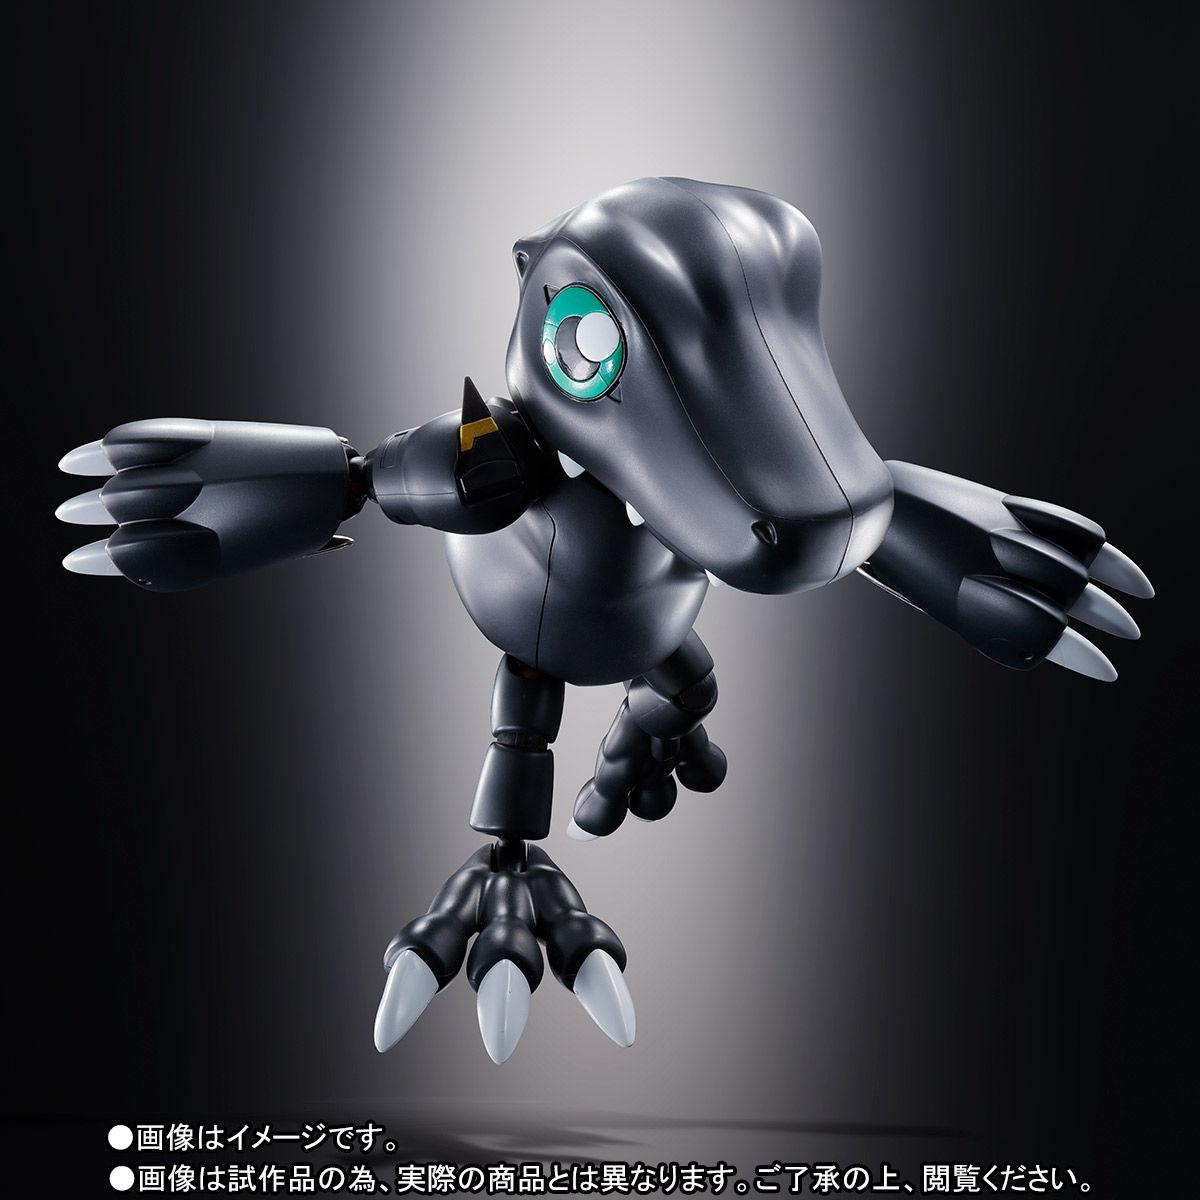 超進化魂 08『ブラックウォーグレイモン』デジモンアドベンチャー 可変可動フィギュア-004